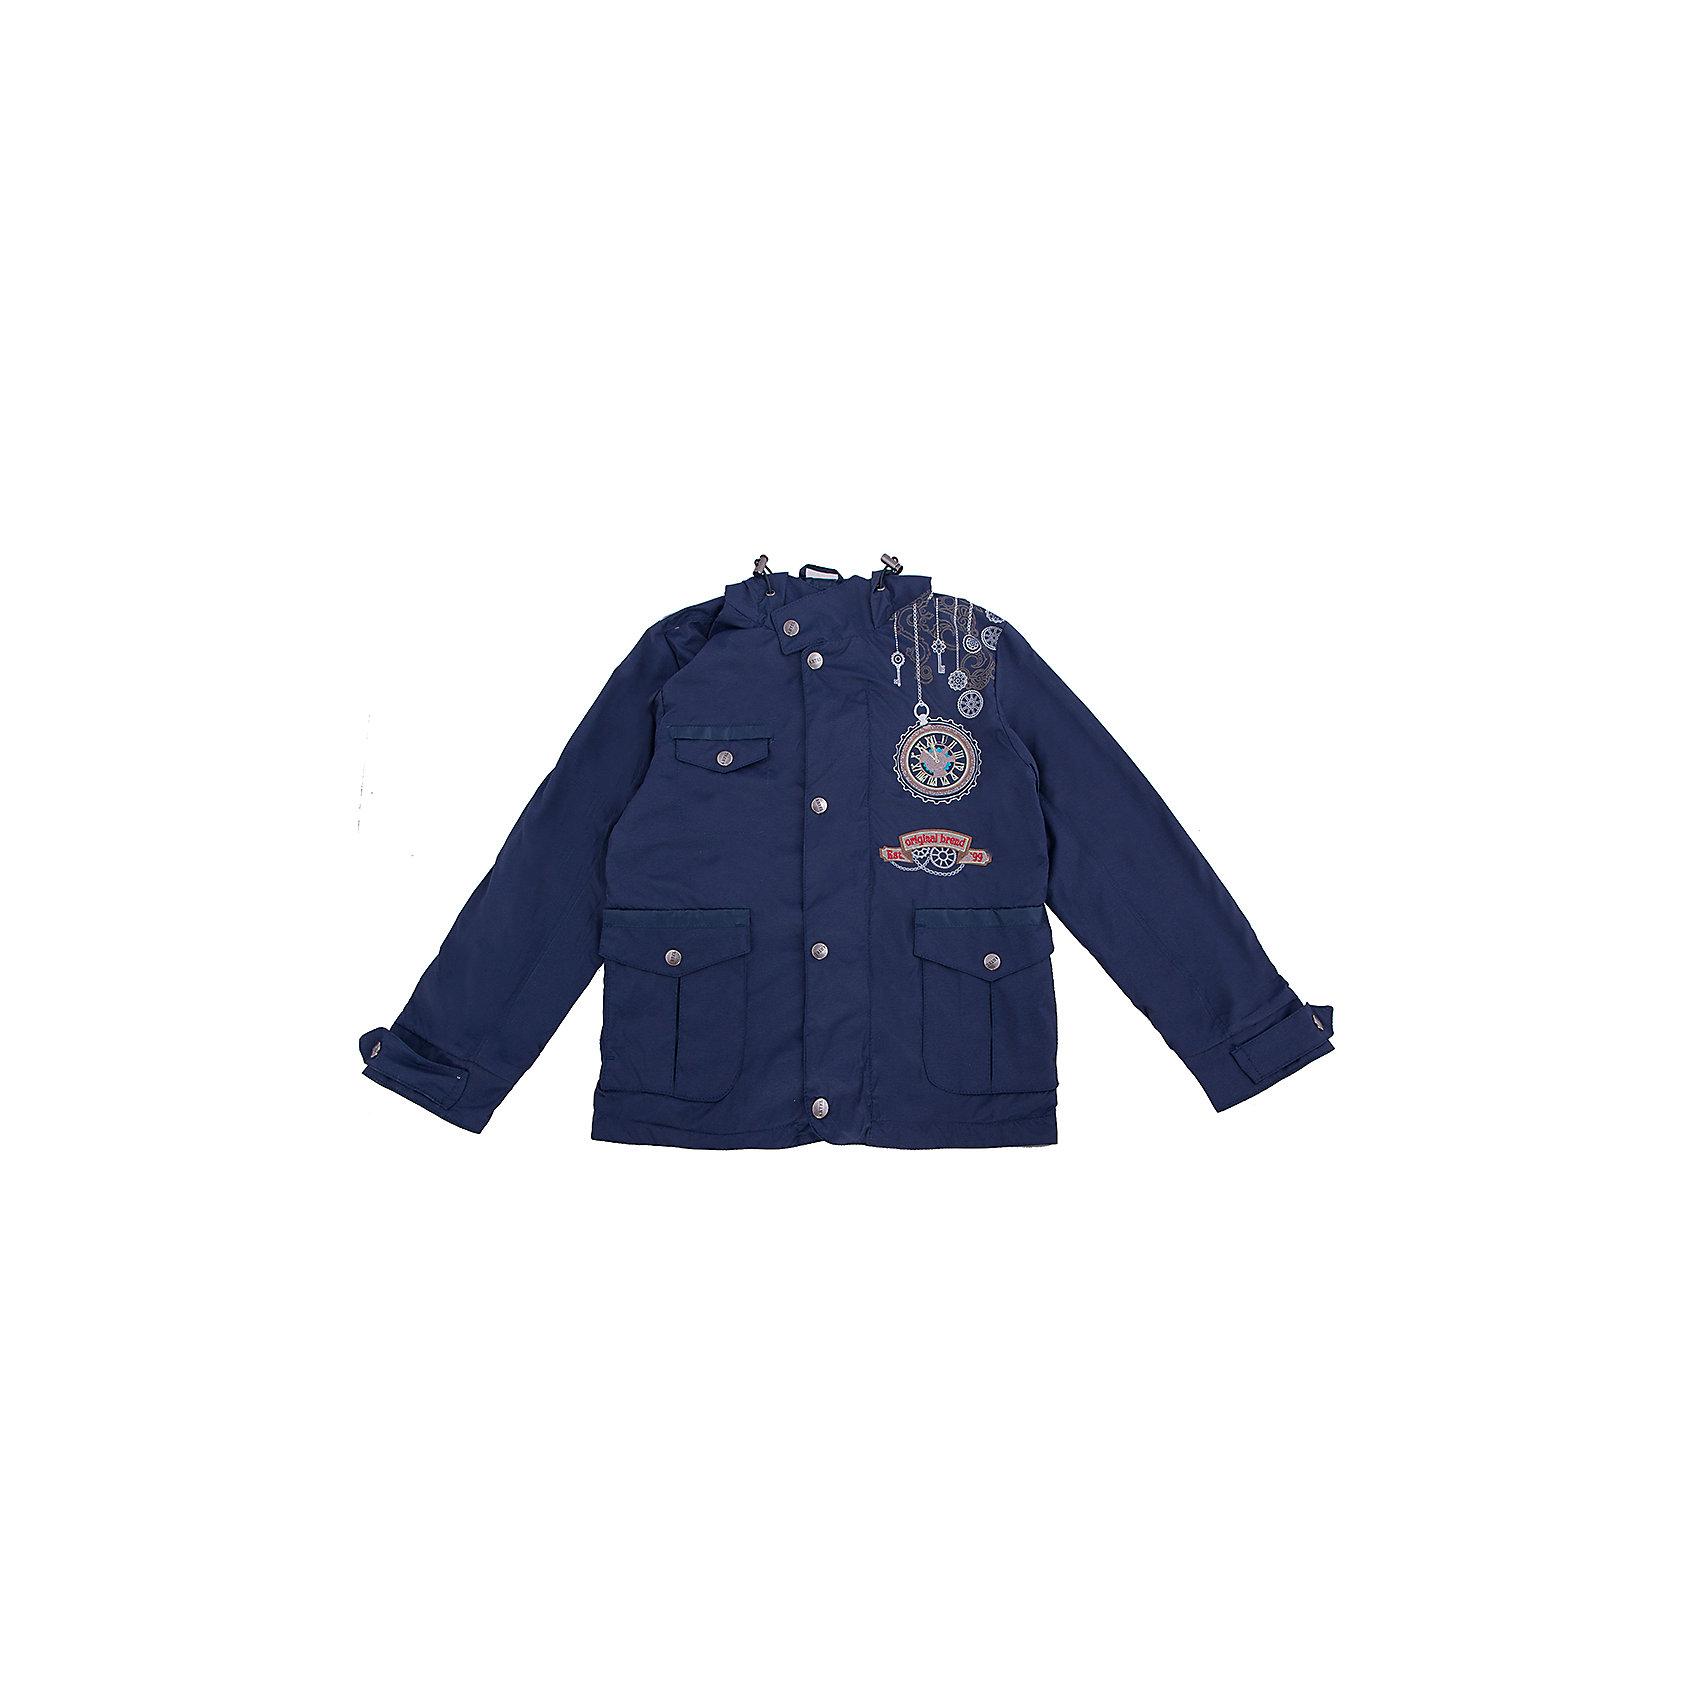 Ветровка для мальчика АртельВерхняя одежда<br>Ветровка для мальчика от торговой марки Артель &#13;<br>&#13;<br>Модная легкая куртка отлично подойдет для прогулок в прохладную погоду. Изделие выполнено из качественных материалов, имеет удобные карманы и капюшон. <br>Одежда от бренда Артель – это высокое качество по приемлемой цене и всегда продуманный дизайн. &#13;<br>&#13;<br>Особенности модели: &#13;<br>- цвет - синий;&#13;<br>- наличие карманов;&#13;<br>- наличие капюшона;&#13;<br>- клапан на кнопках;&#13;<br>- декорирована принтом;&#13;<br>- застежка-молния.&#13;<br>&#13;<br>Дополнительная информация:&#13;<br>&#13;<br>Состав: &#13;<br>- верх: FITSYSTEM ;&#13;<br>- подкладка: тиси.&#13;<br>&#13;<br>Температурный режим: &#13;<br>от +10 °C до +20 °C&#13;<br>&#13;<br>Ветровку для мальчика Артель (Artel) можно купить в нашем магазине.<br><br>Ширина мм: 356<br>Глубина мм: 10<br>Высота мм: 245<br>Вес г: 519<br>Цвет: синий<br>Возраст от месяцев: 108<br>Возраст до месяцев: 120<br>Пол: Мужской<br>Возраст: Детский<br>Размер: 140,128,134,146<br>SKU: 4496197